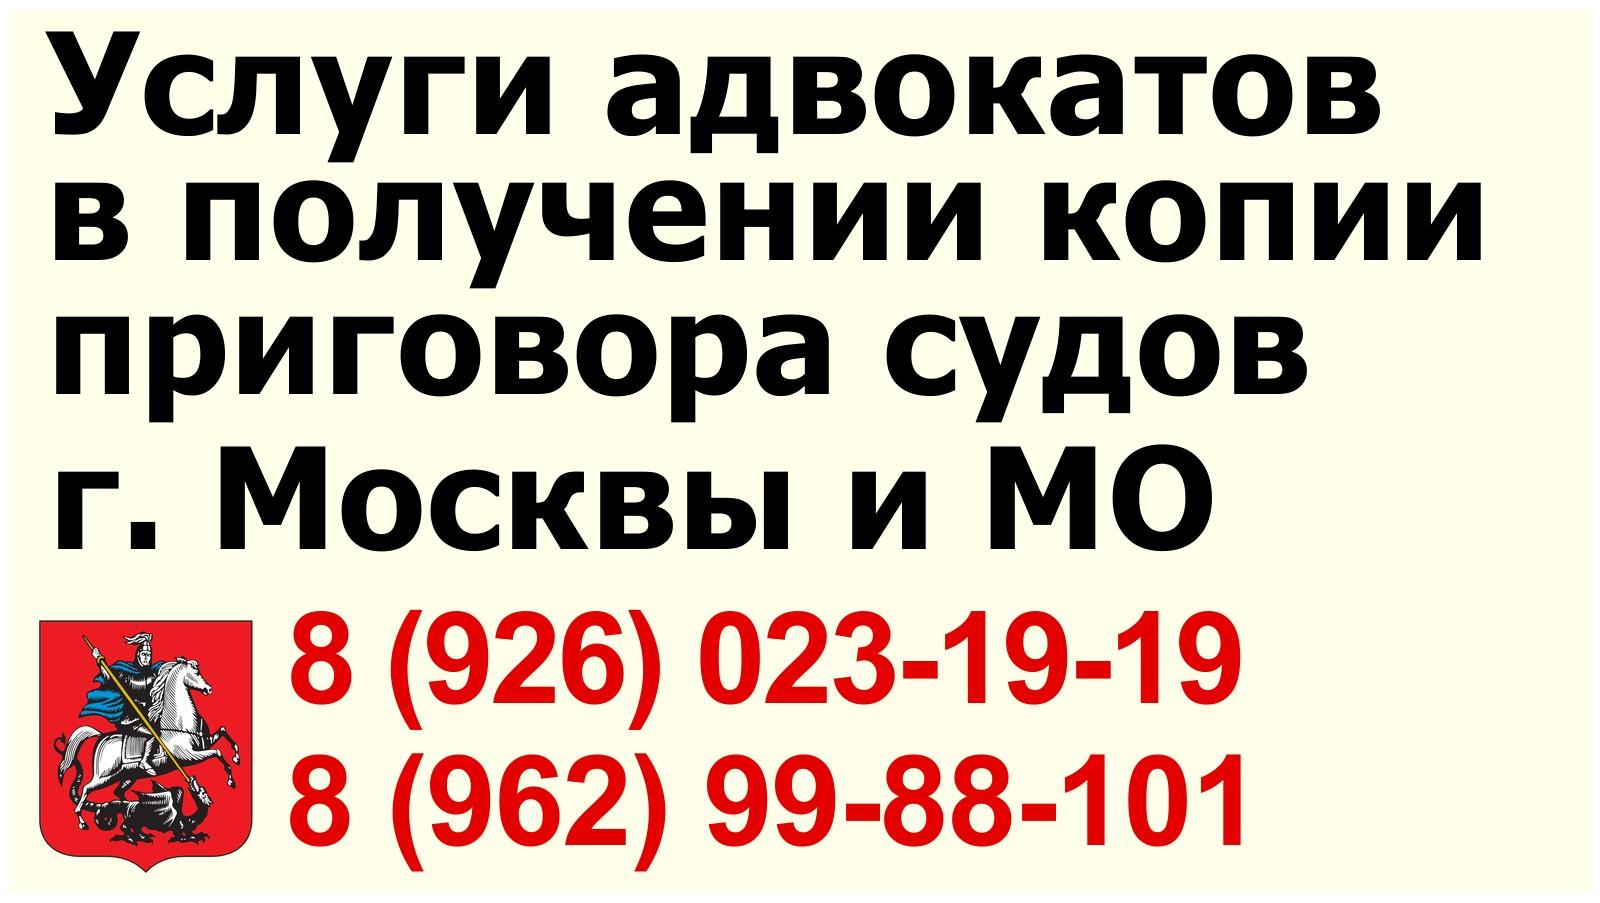 poluchit_kopiyu_prigovora_suda